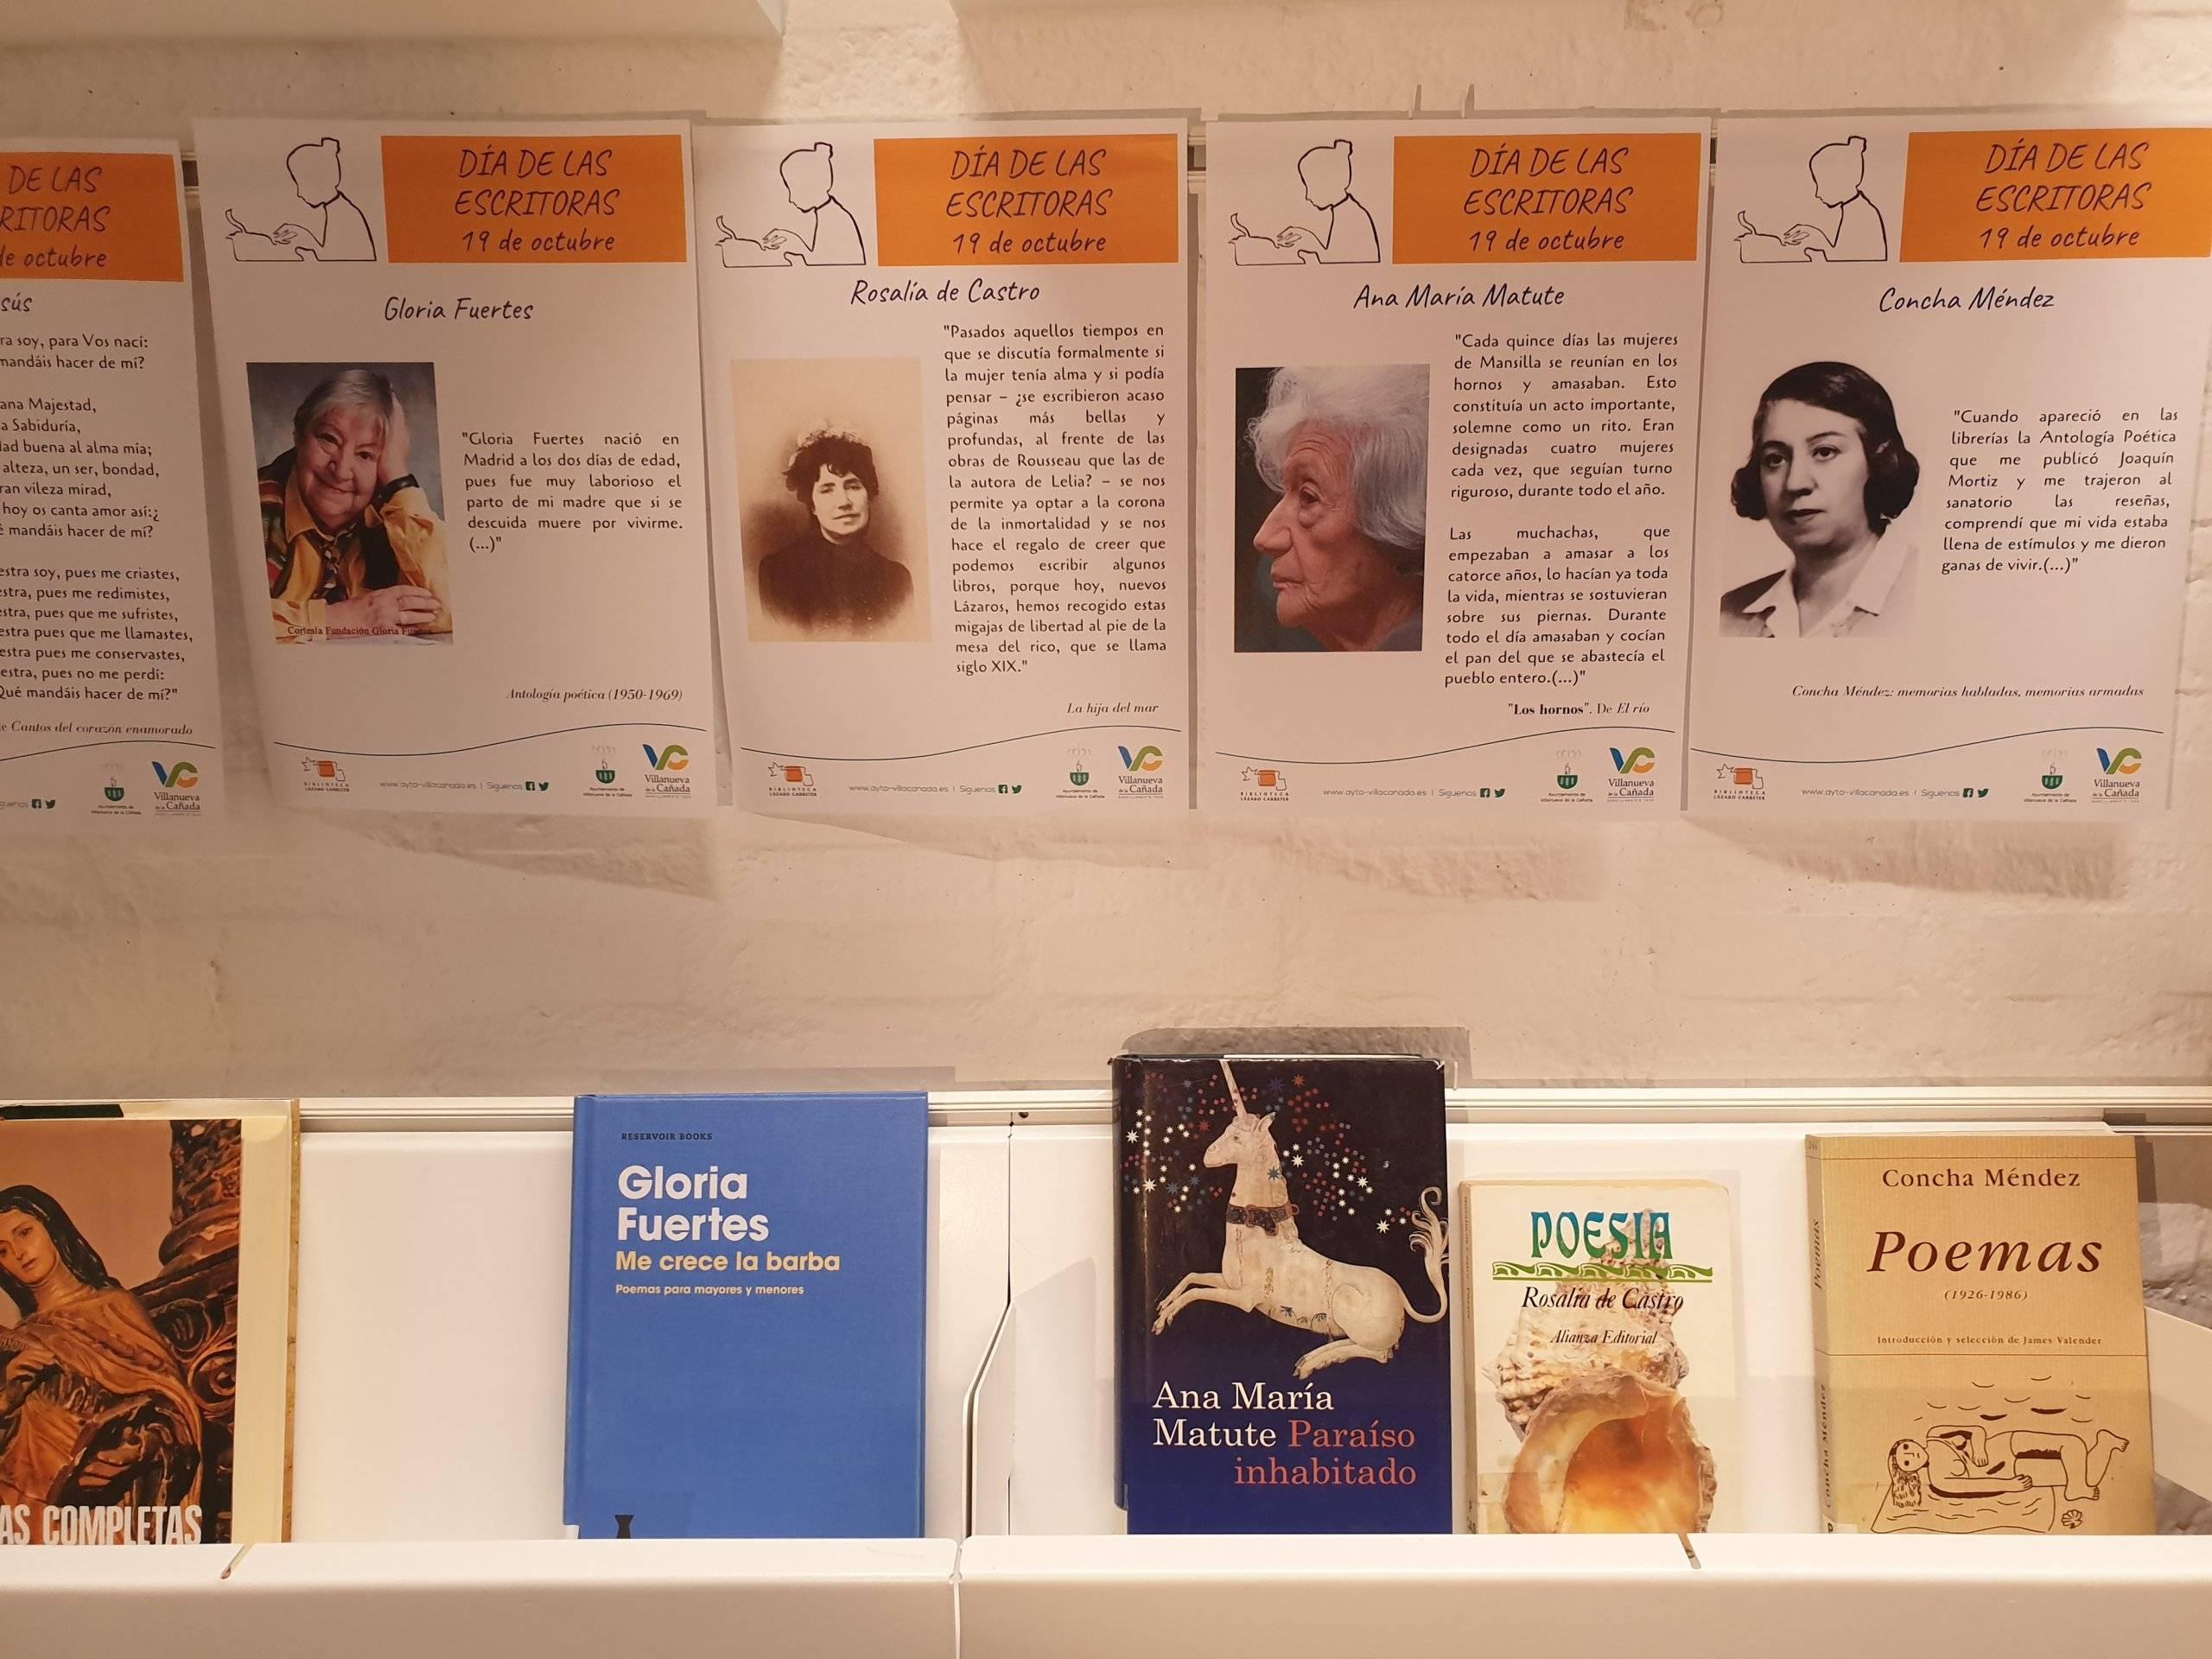 Detalles de la exposición bibliográfica con motivo del Día de las Escritoras.